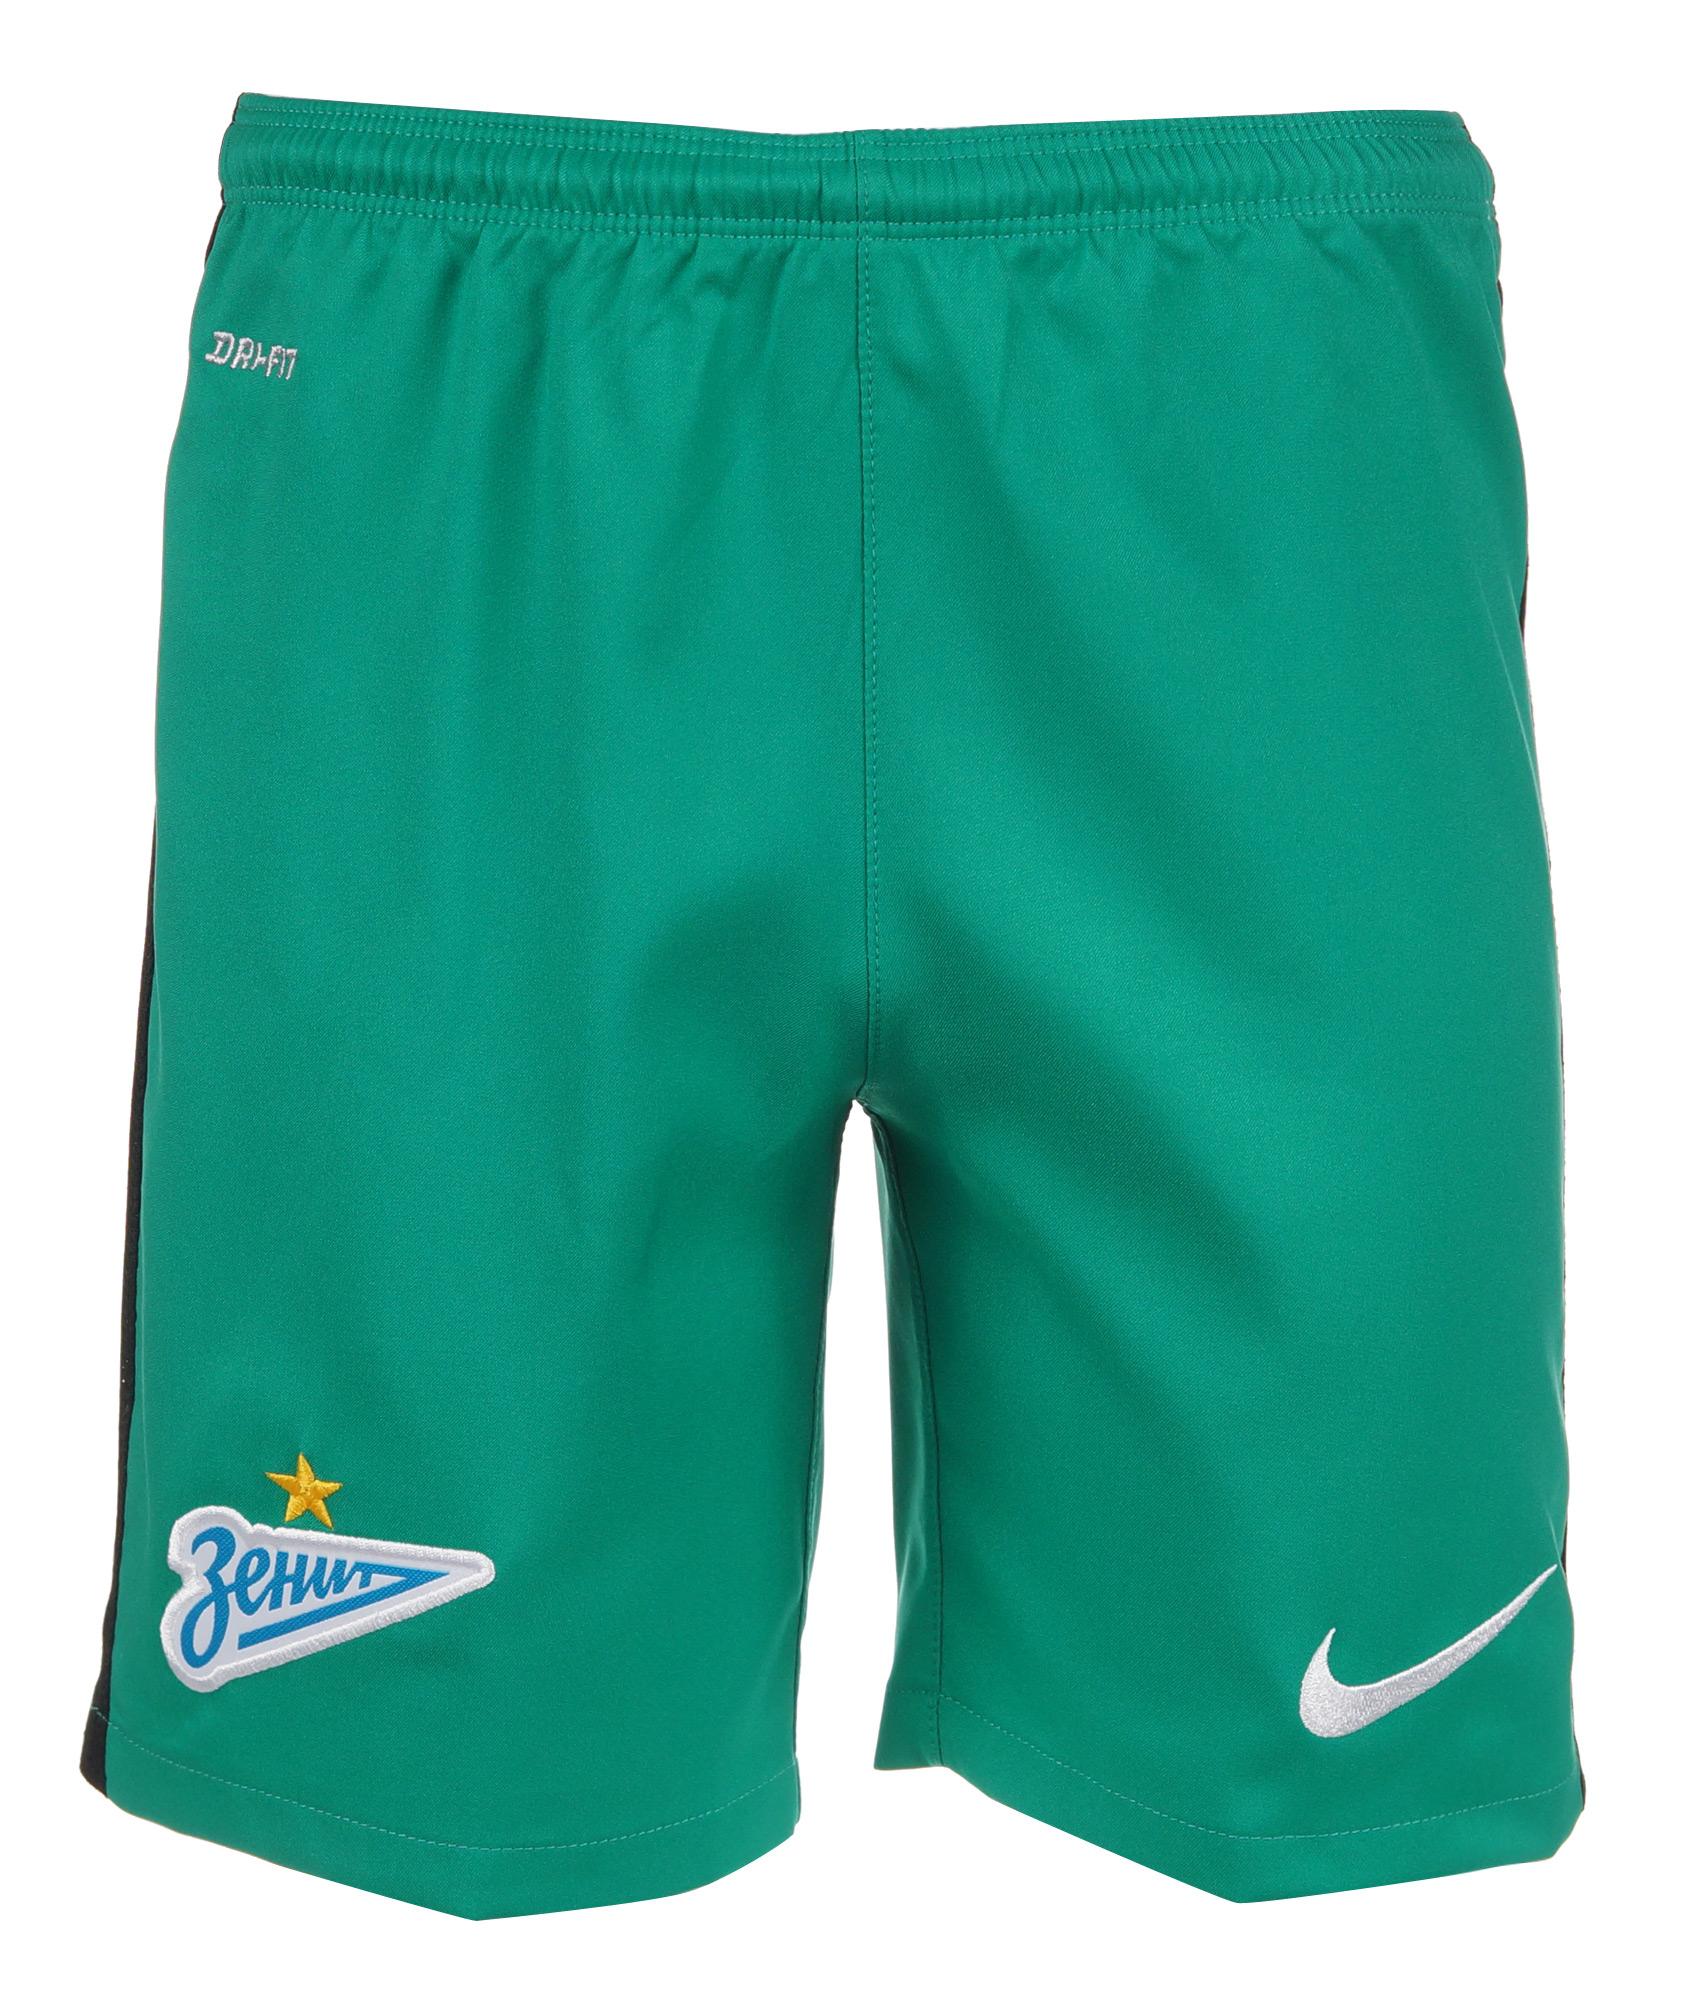 Шорты вратарские подростковые, Цвет-Зеленый, Размер-XS детские вратарские шорты цвет зеленый размер xs